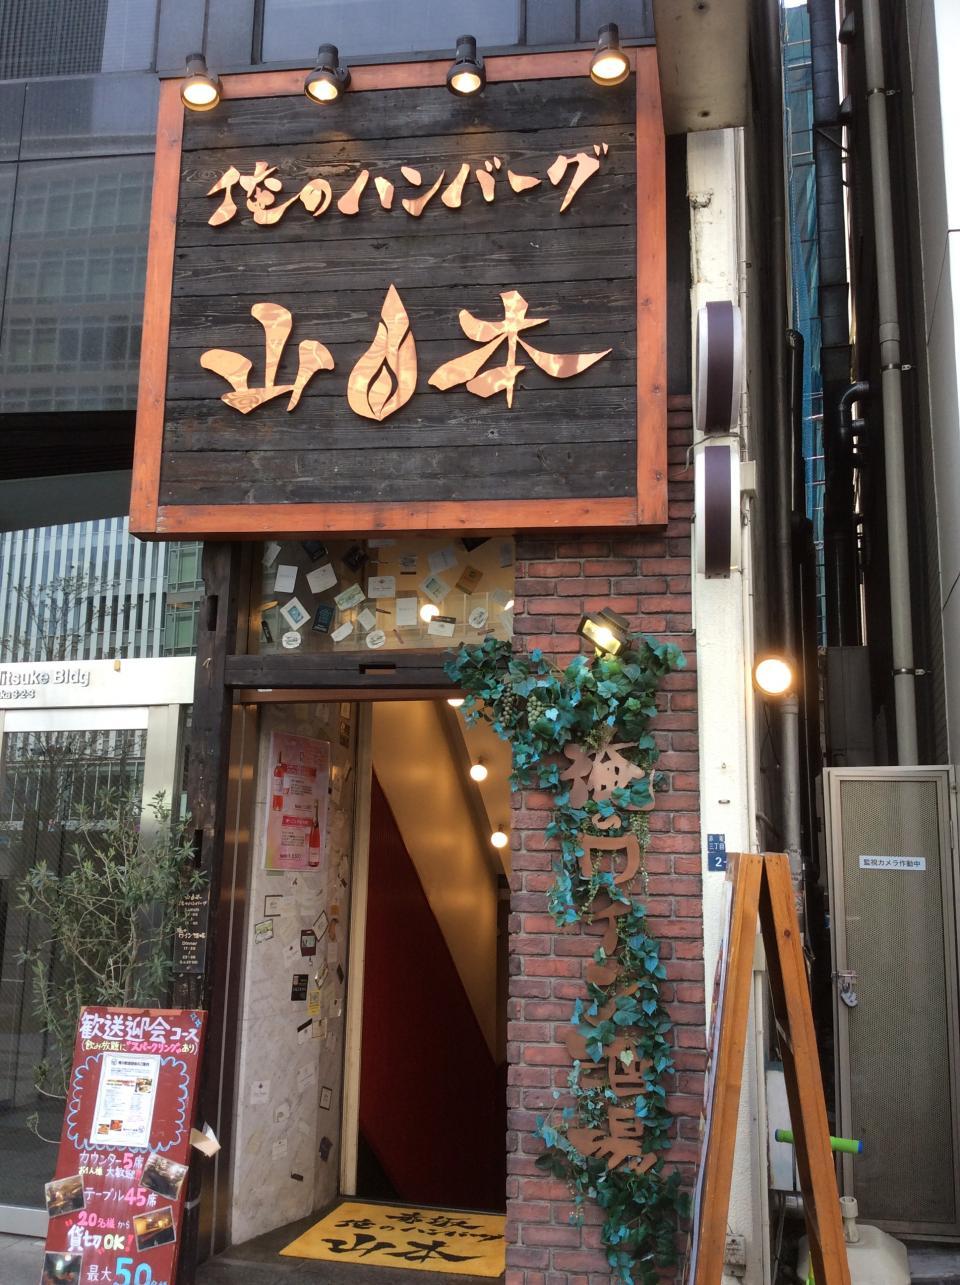 俺のハンバーグ山本赤坂見附(店舗外観)